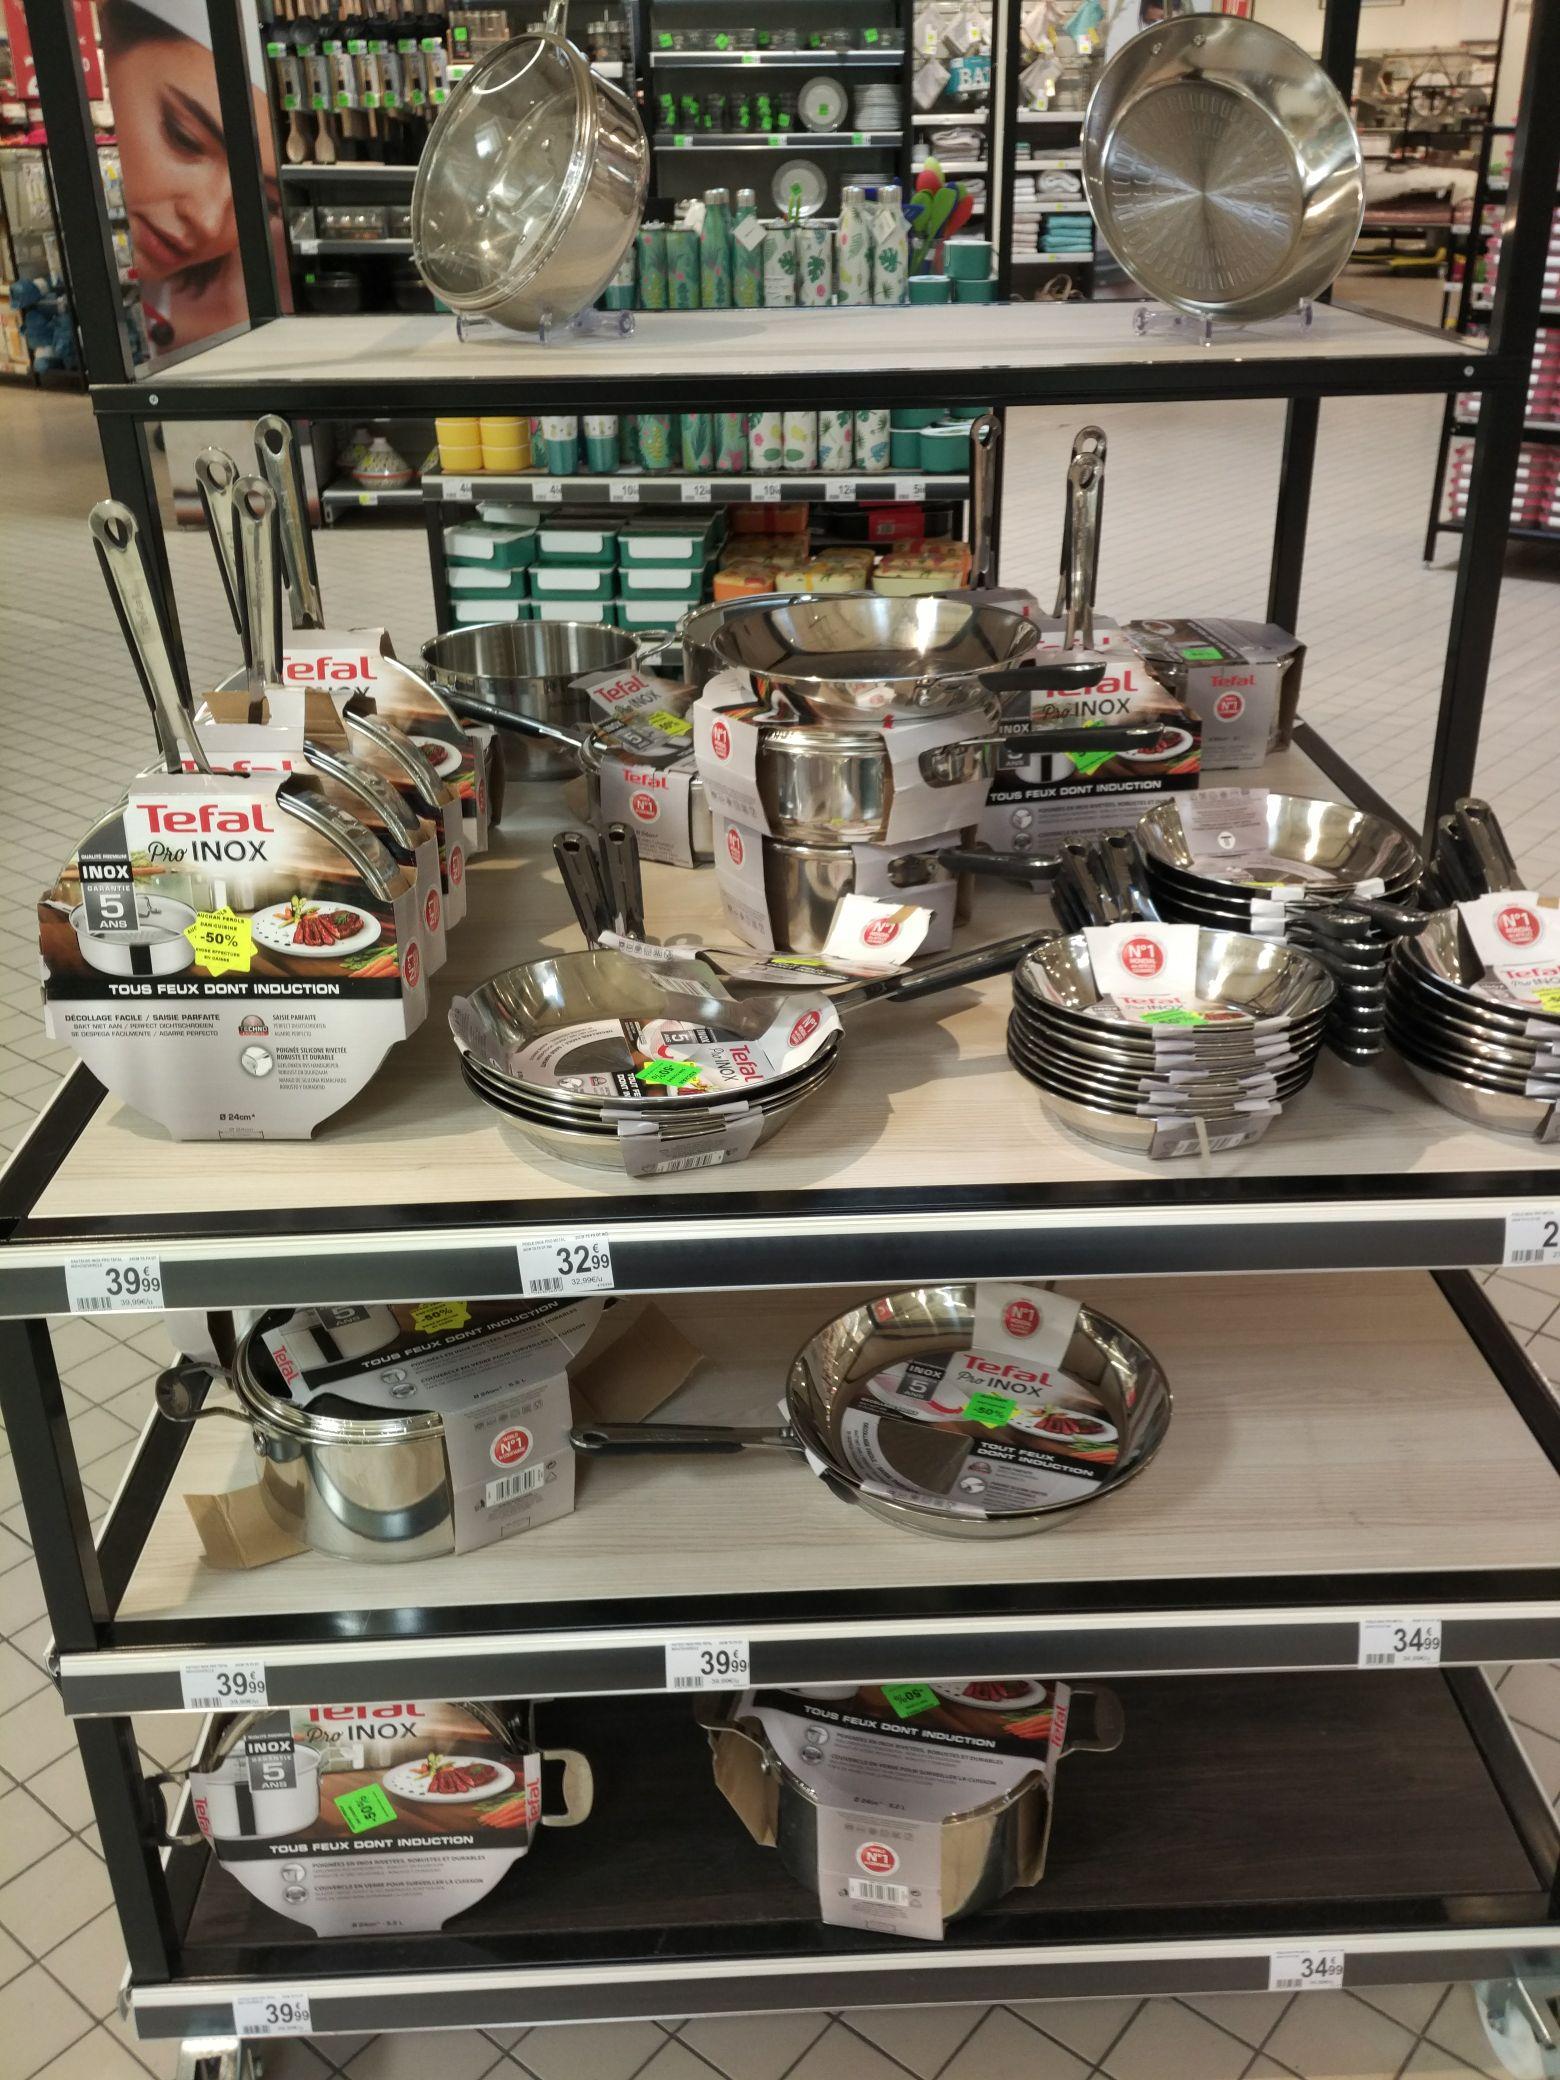 50% de réduction sur la gamme Tefal Pro Inox 18/10 à Auchan Pérols (34)